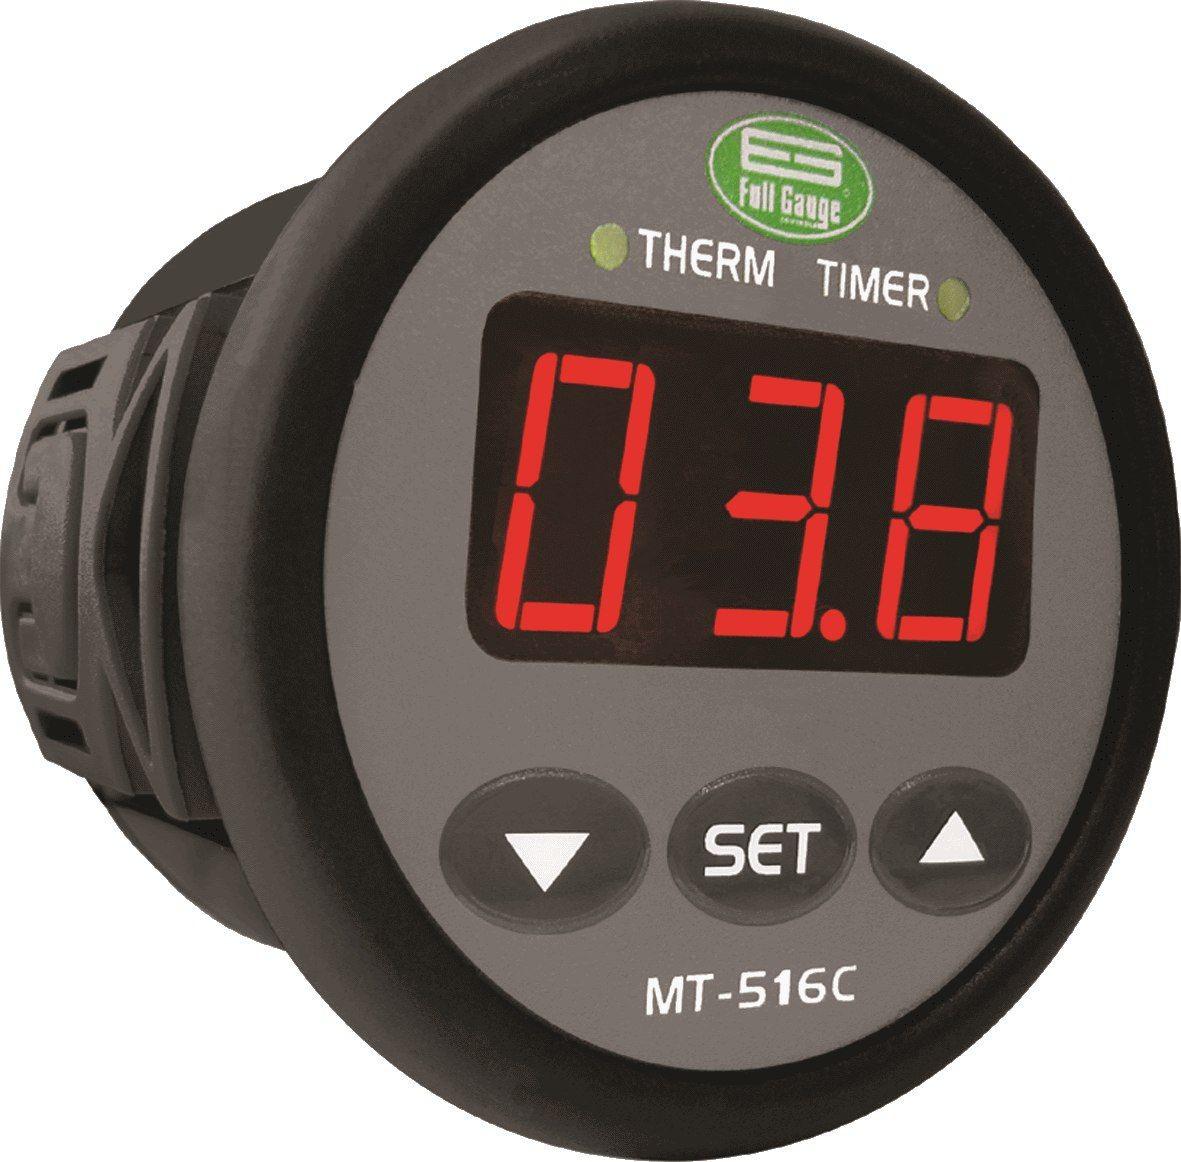 Imagem do produto Controlador Temperatura Timer Cíclico Full Gauge MT516C - BIVOLT